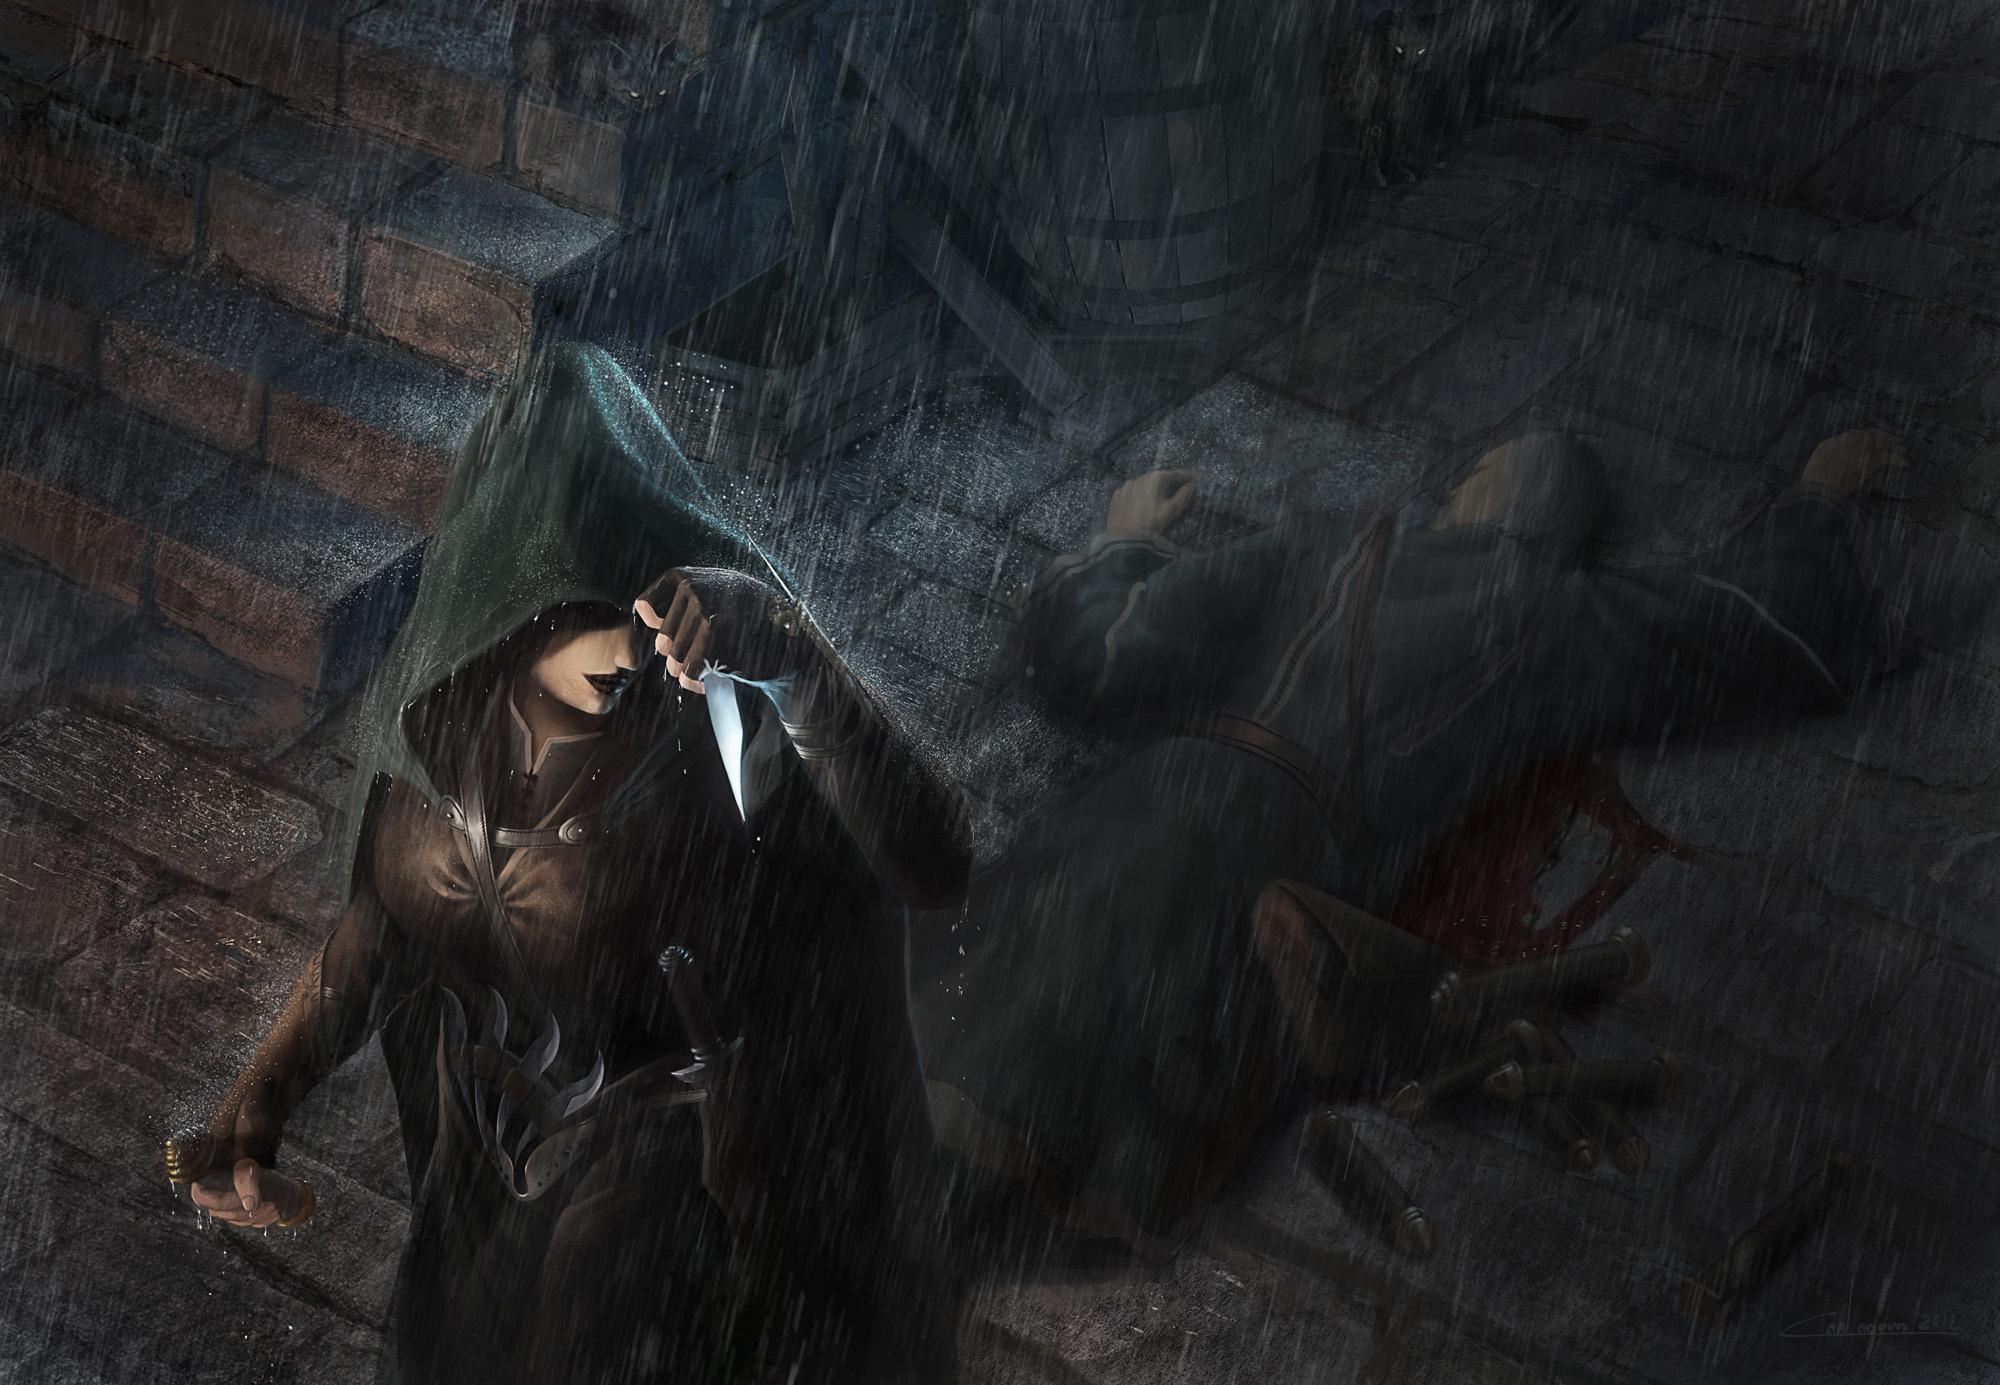 killer coat girl assassin art wallpaper background 2000x1385